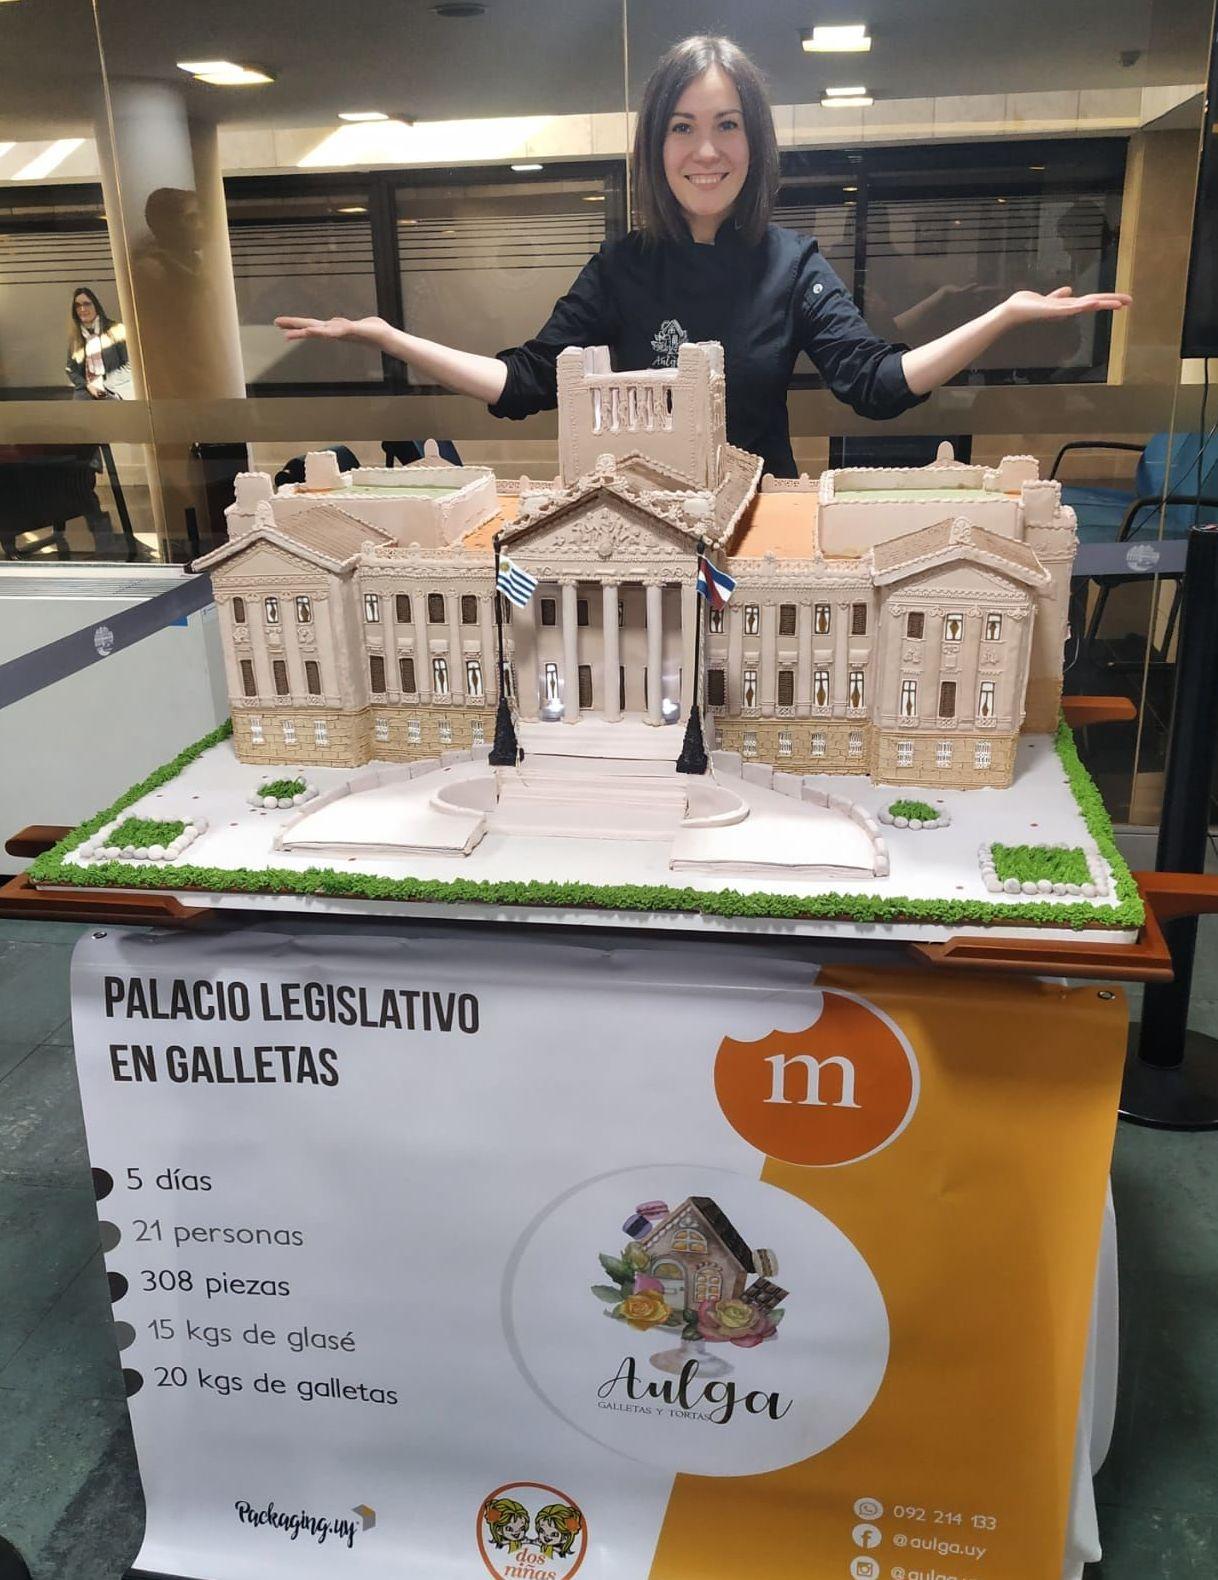 Olga Barbash con el Palacio Legislativo de Uruguay hecho de galleta rusa